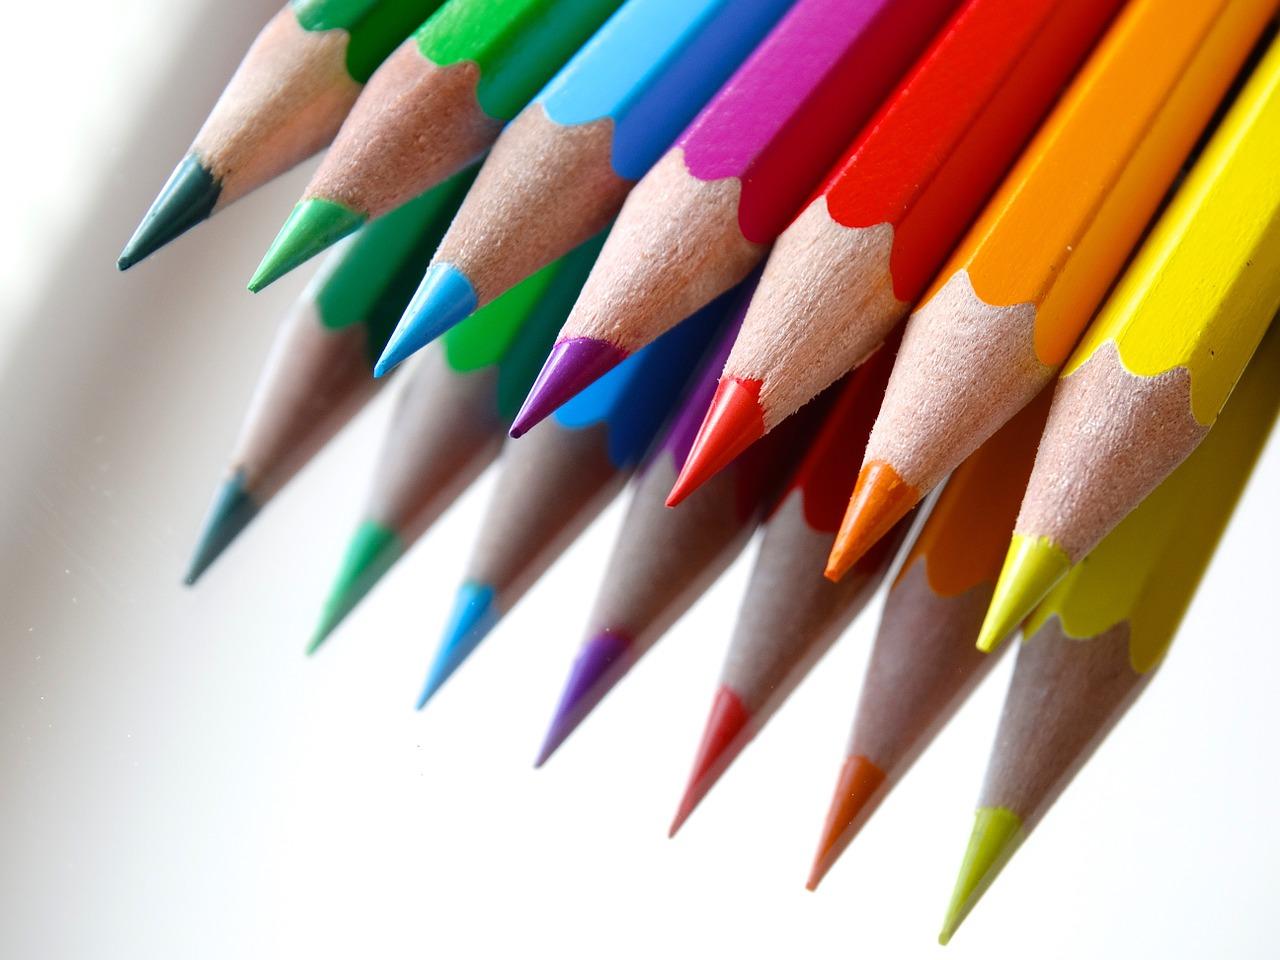 verschillende kleuren potloden